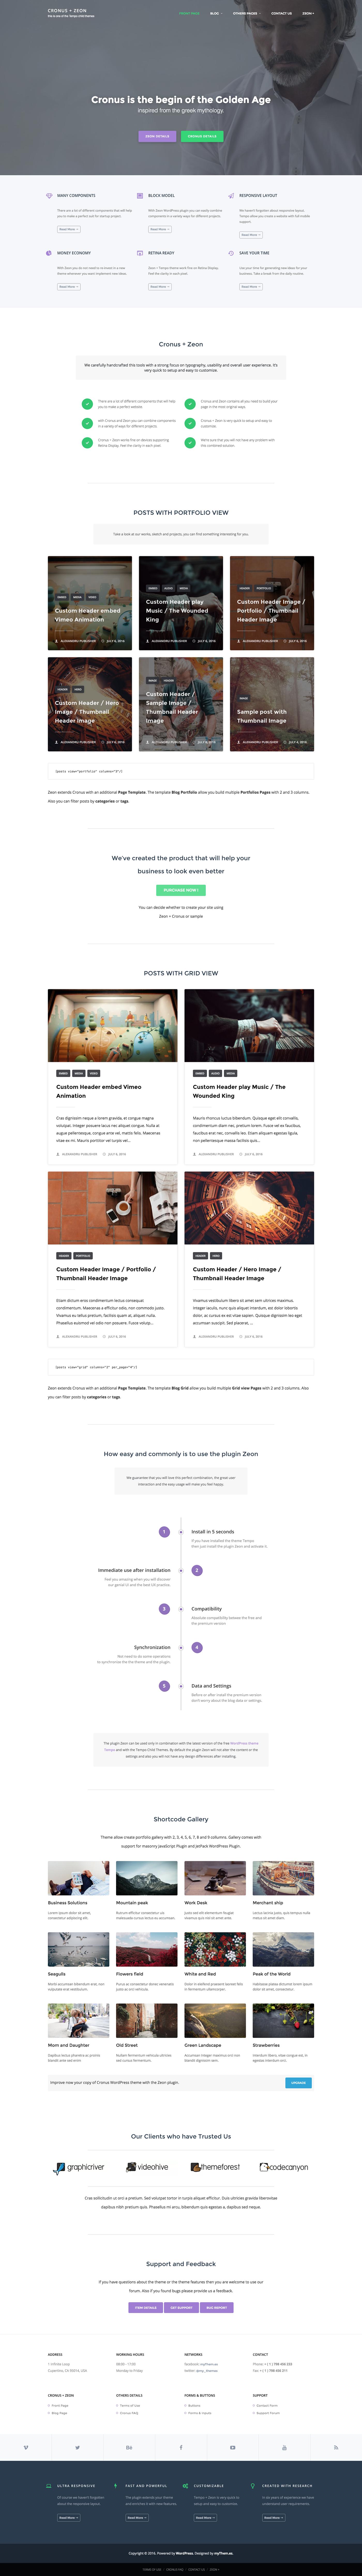 Tempo tempo child wordpress plugin wordpress theme free theme Clean Design myThemes White creative business portfolio grid custom header child theme